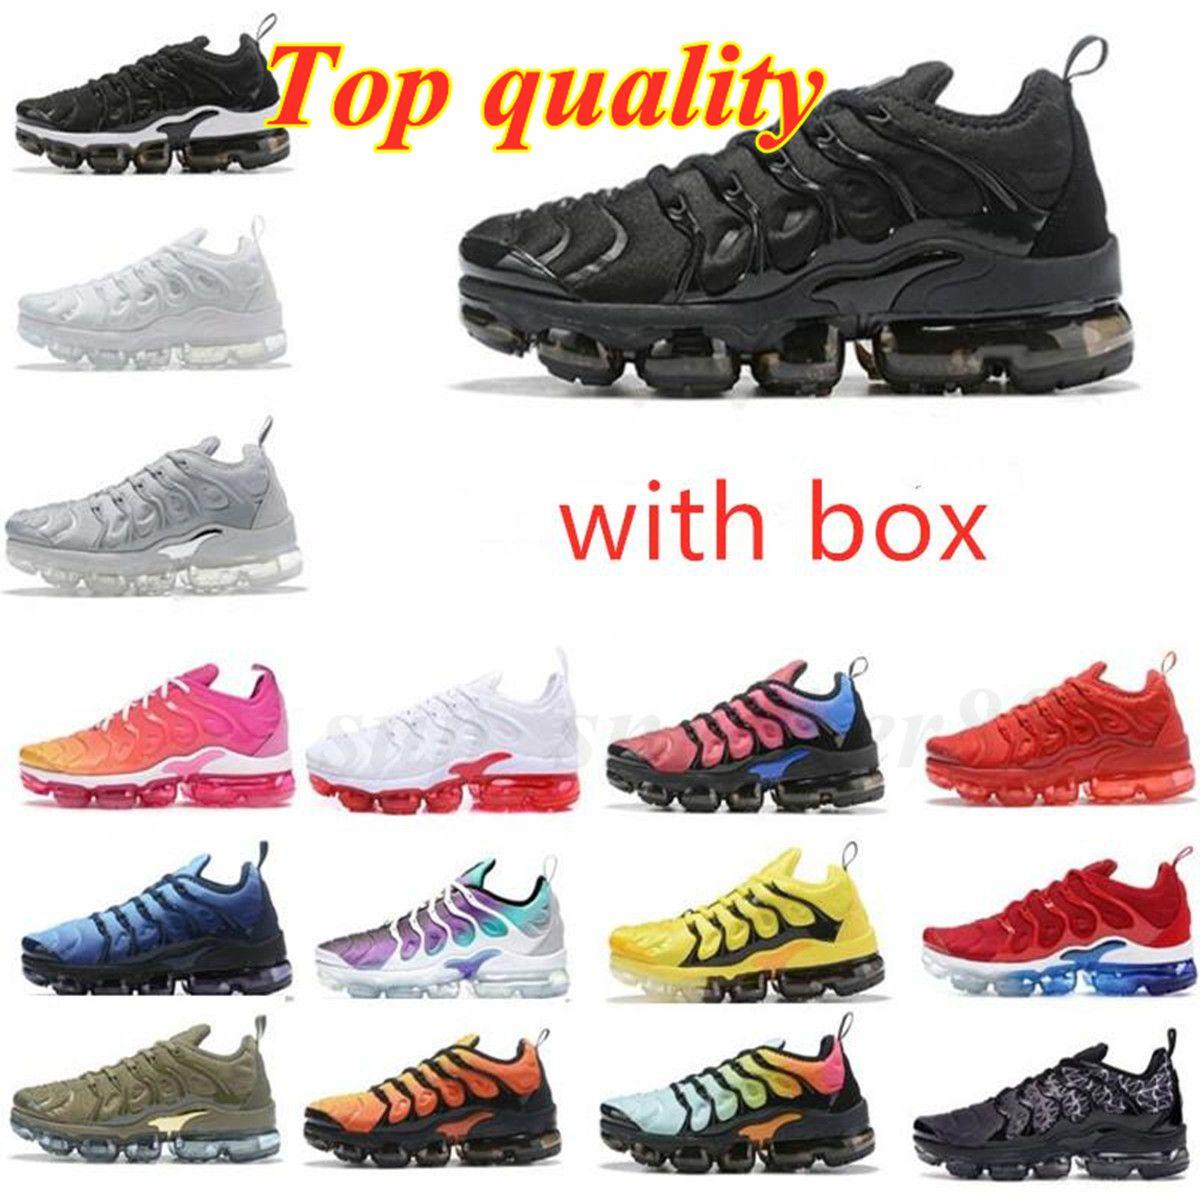 2021 TN Artı Metalik Beyaz Gümüş Üçlü Siyah Erkekler Koşu Ayakkabısı ile Kutusu Trainer Sneaker 40-45